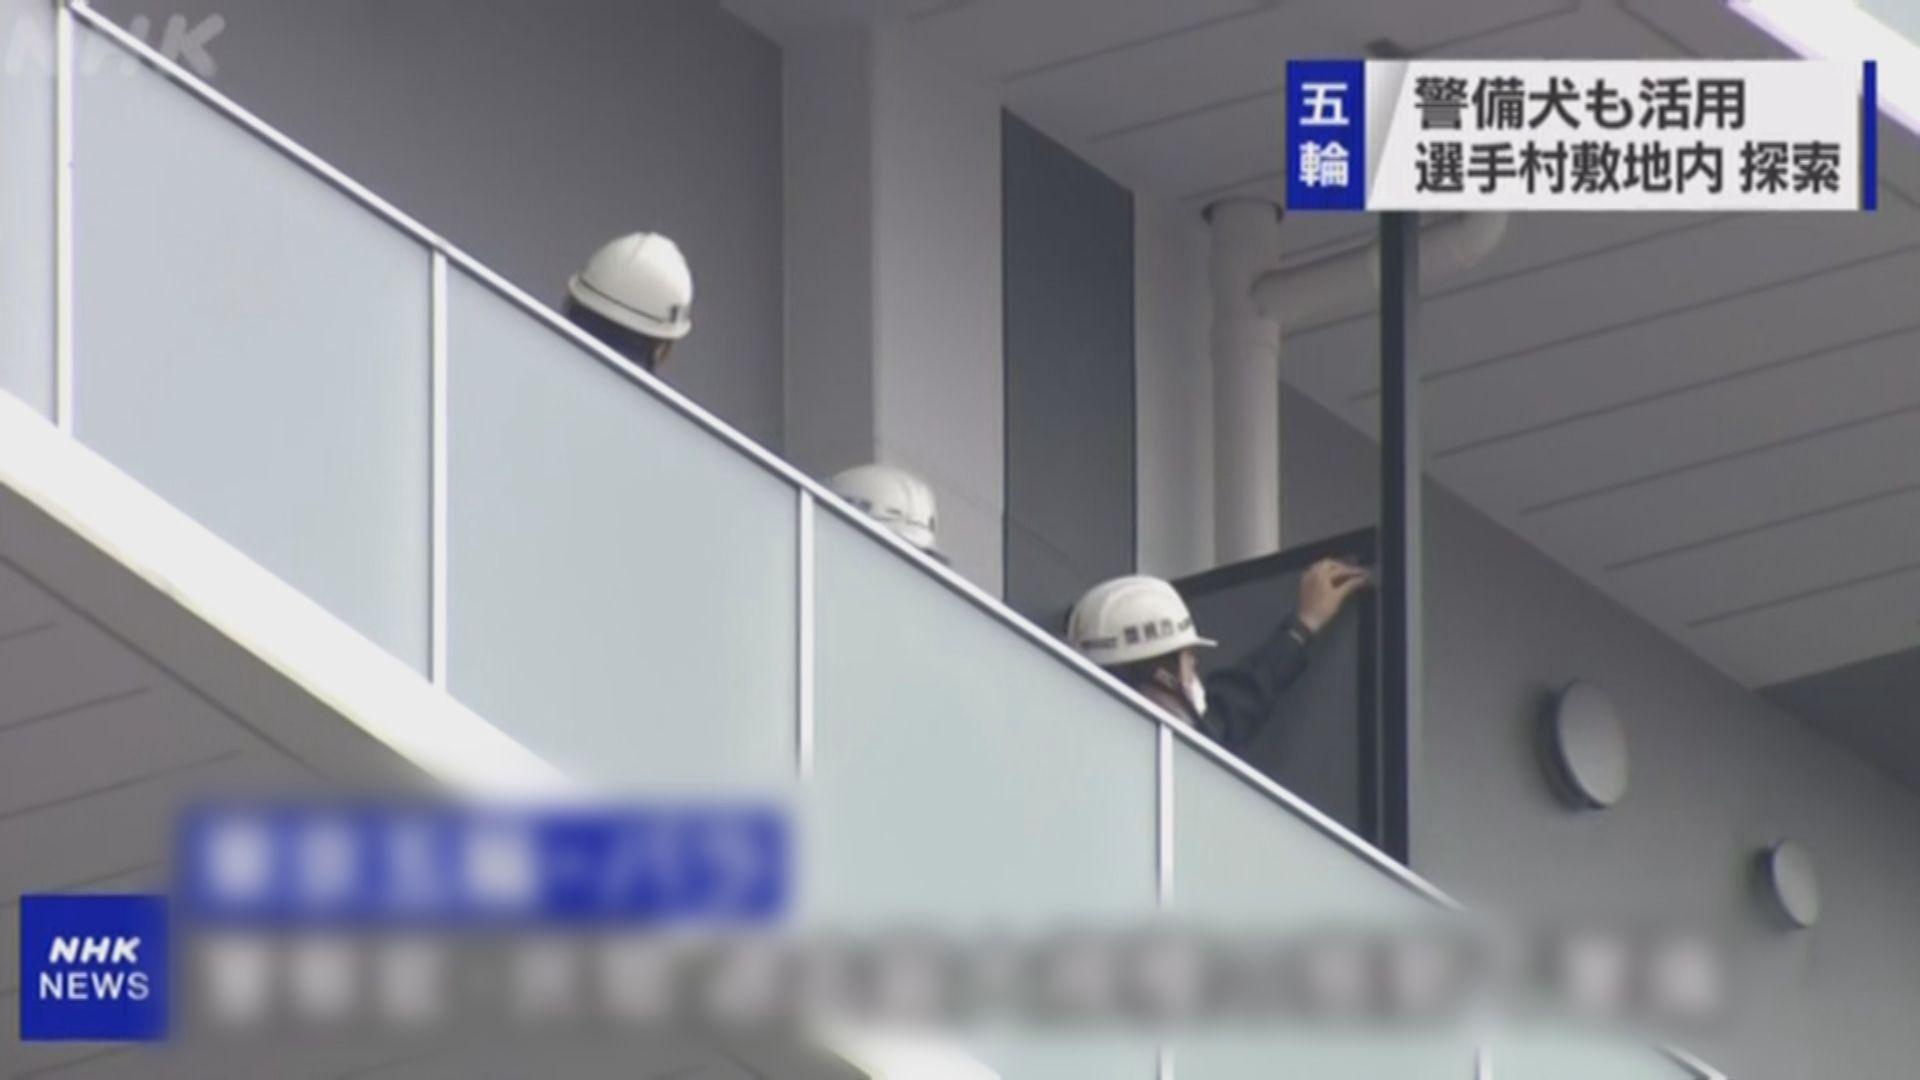 東京奧運選手村進入最後準備階段 將於本月13日開村